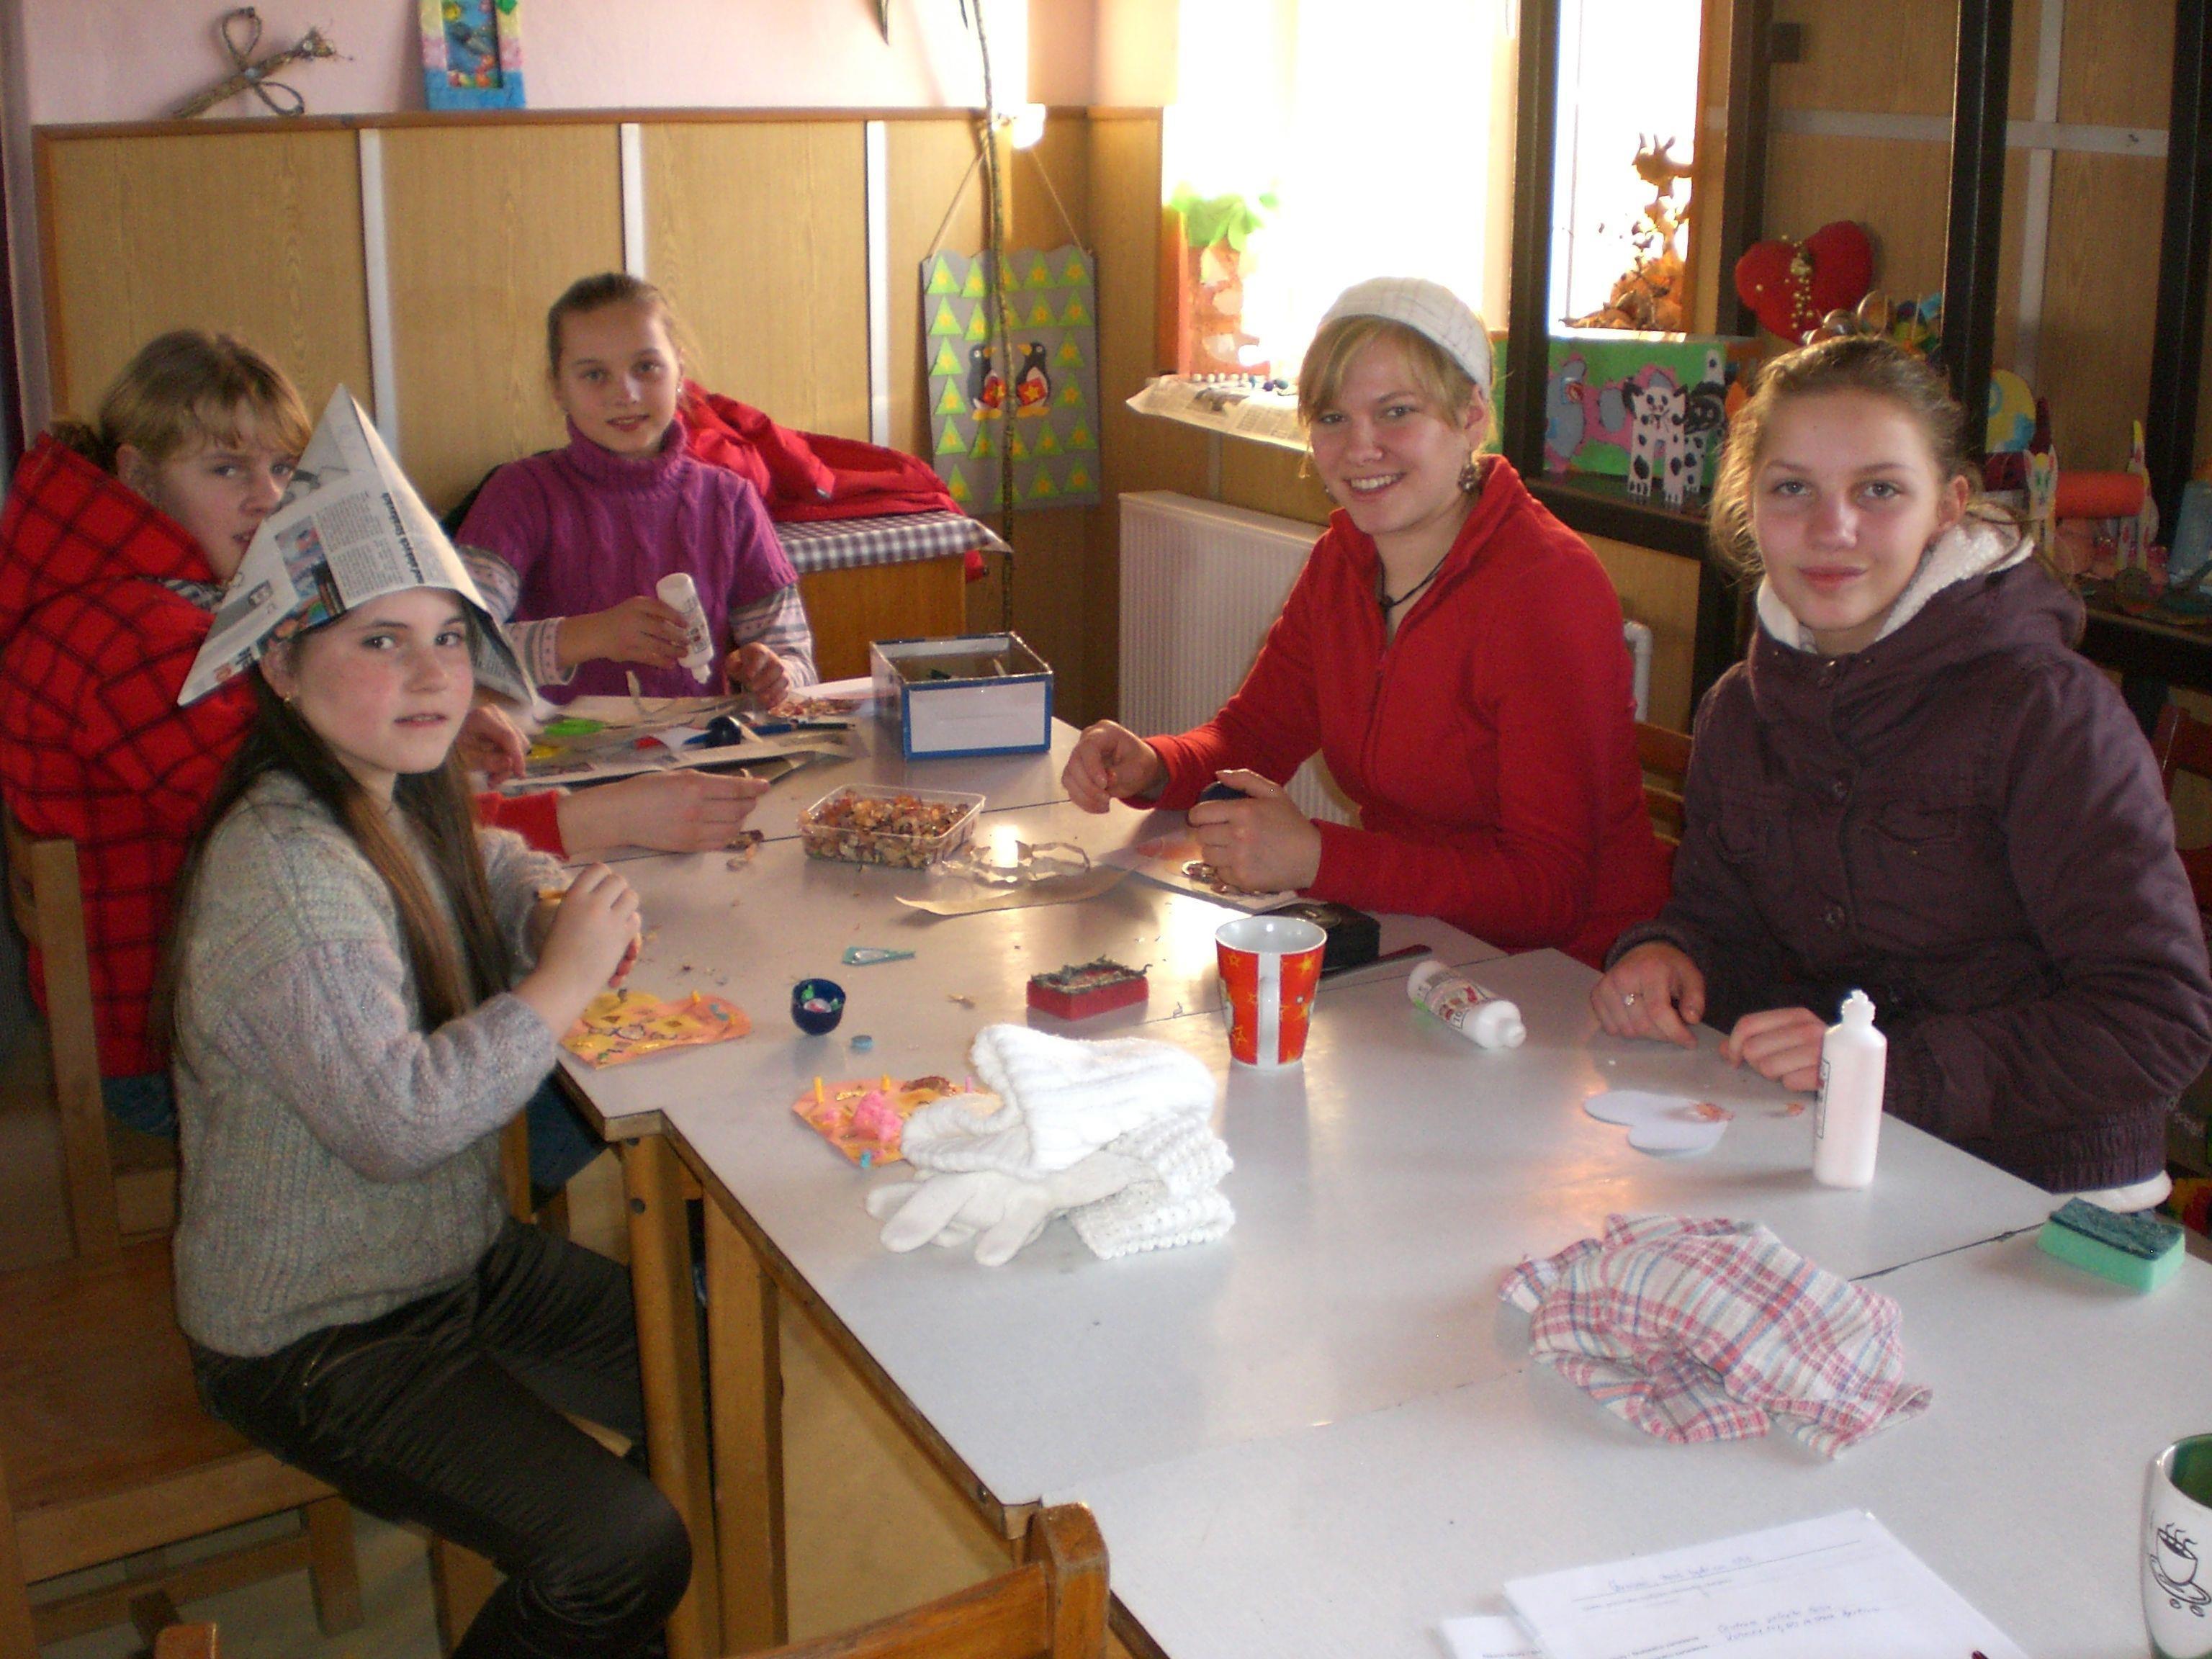 Ab 1. September 2012 gibt es die Möglichkeit für EFD-Einsätze in der Slowakei und in Norwegen. Im Bild: Tanja Heidegger in der Slowakei